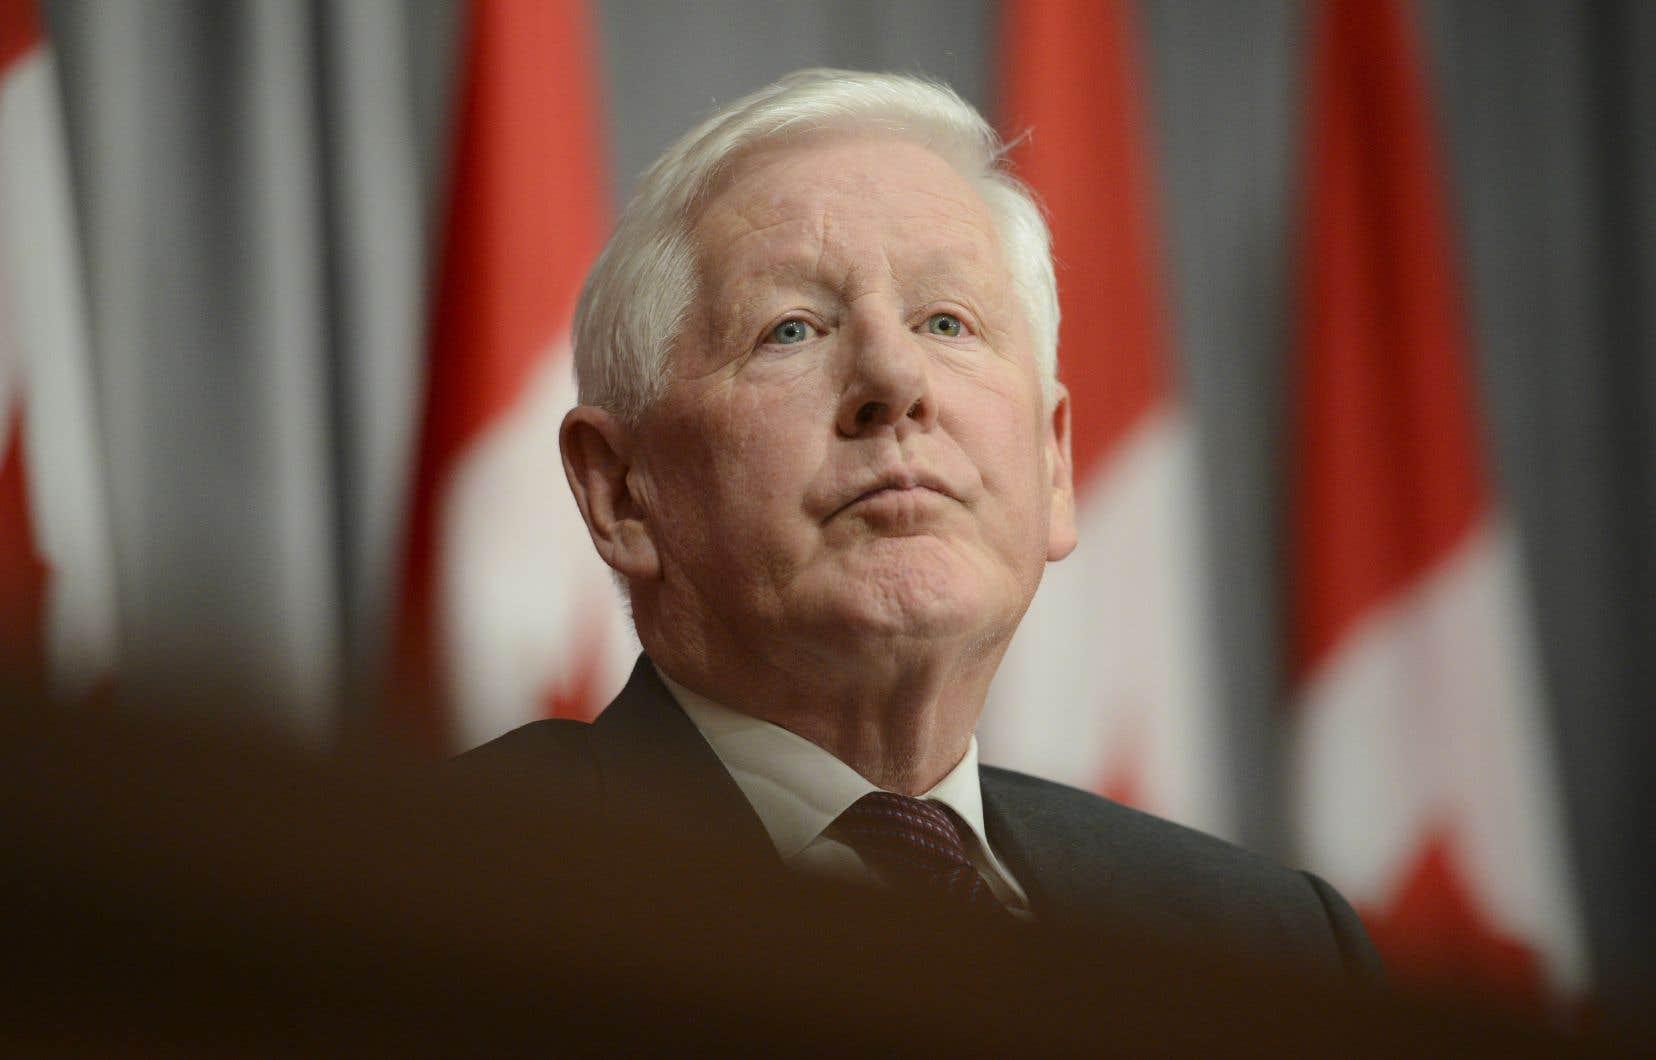 Bob Rae avait quitté la politique active en 2013, après avoir été chef intérimaire du Parti libéral du Canada pendant deux ans et député libéral depuis 2008.